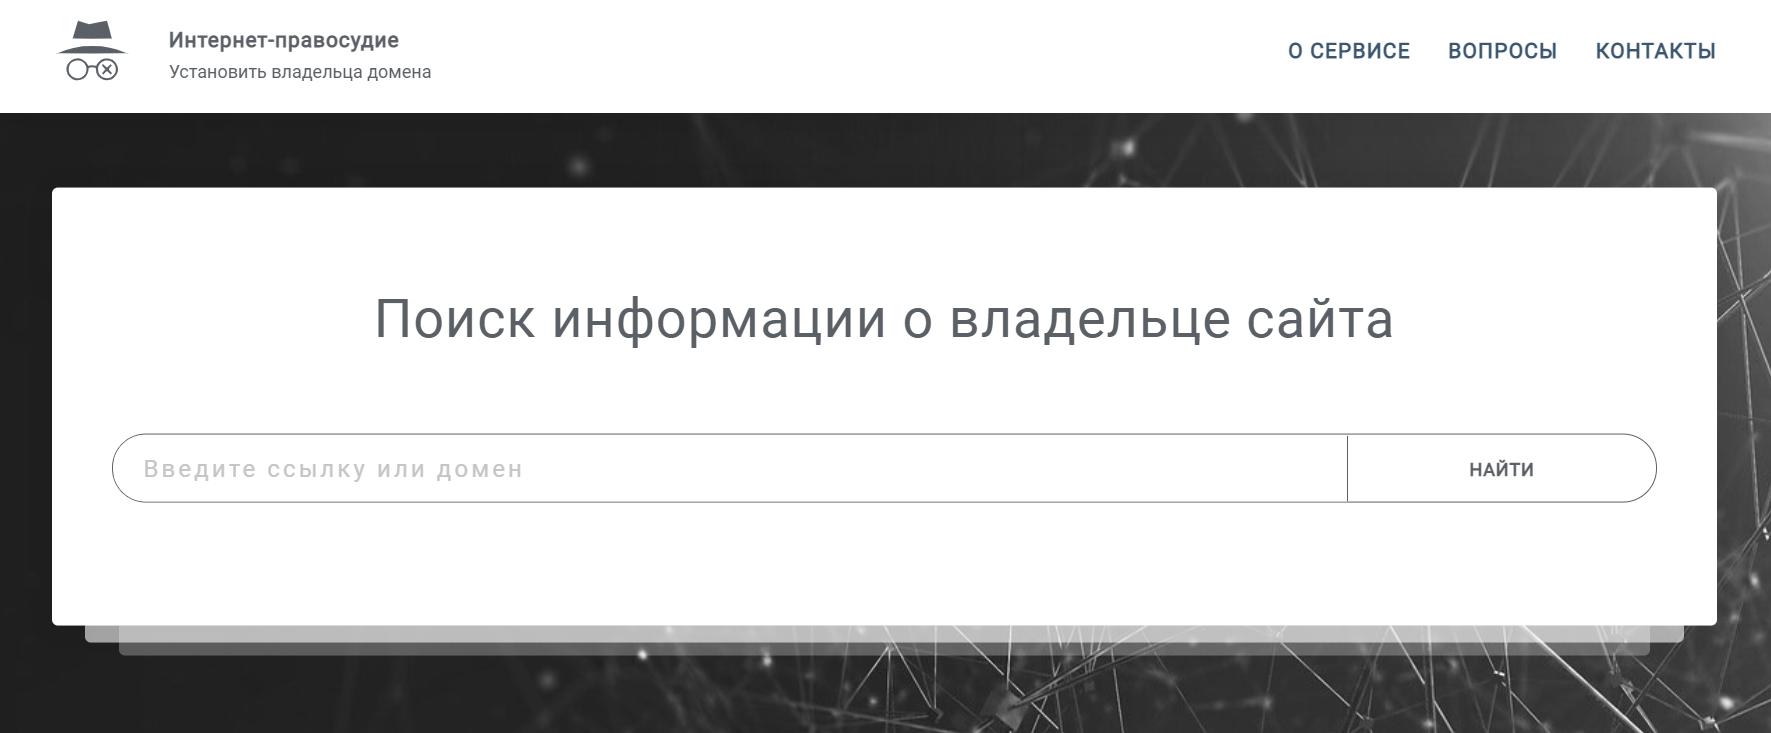 Интерфейс «Интернет-правосудия»